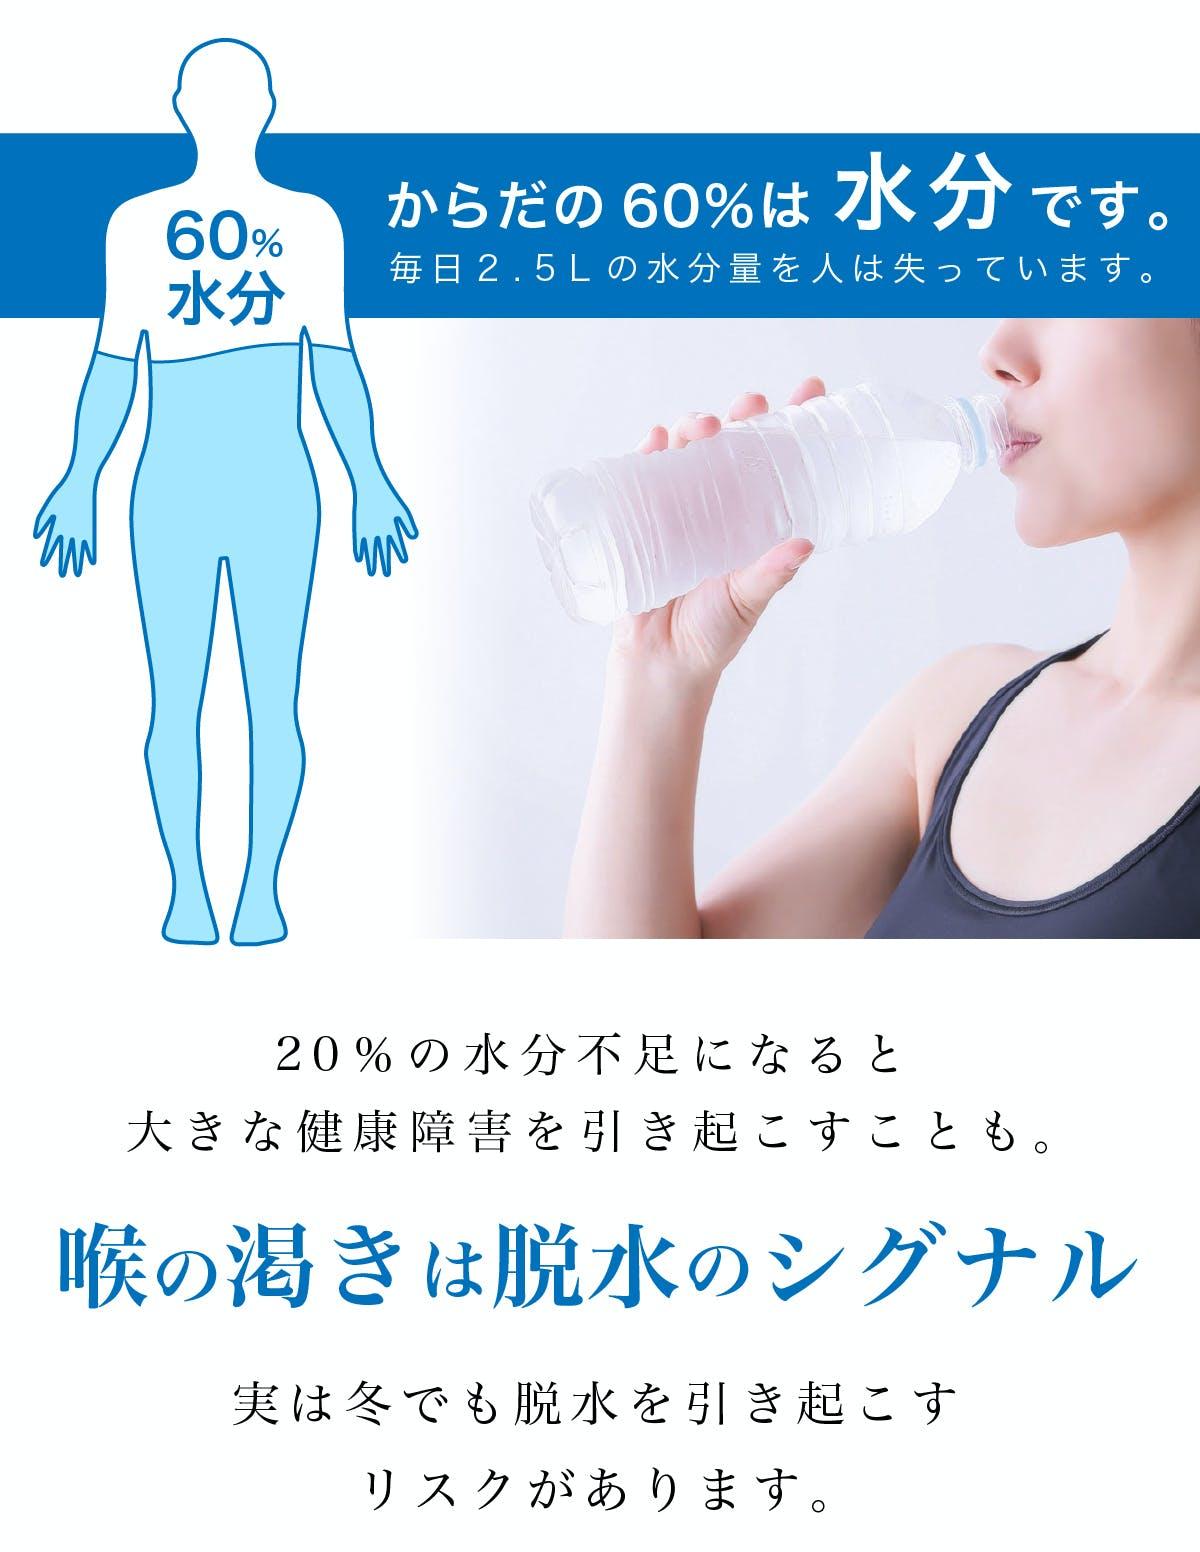 からだの60%は水分です。毎日2.5Lの水分量を人は失っています。